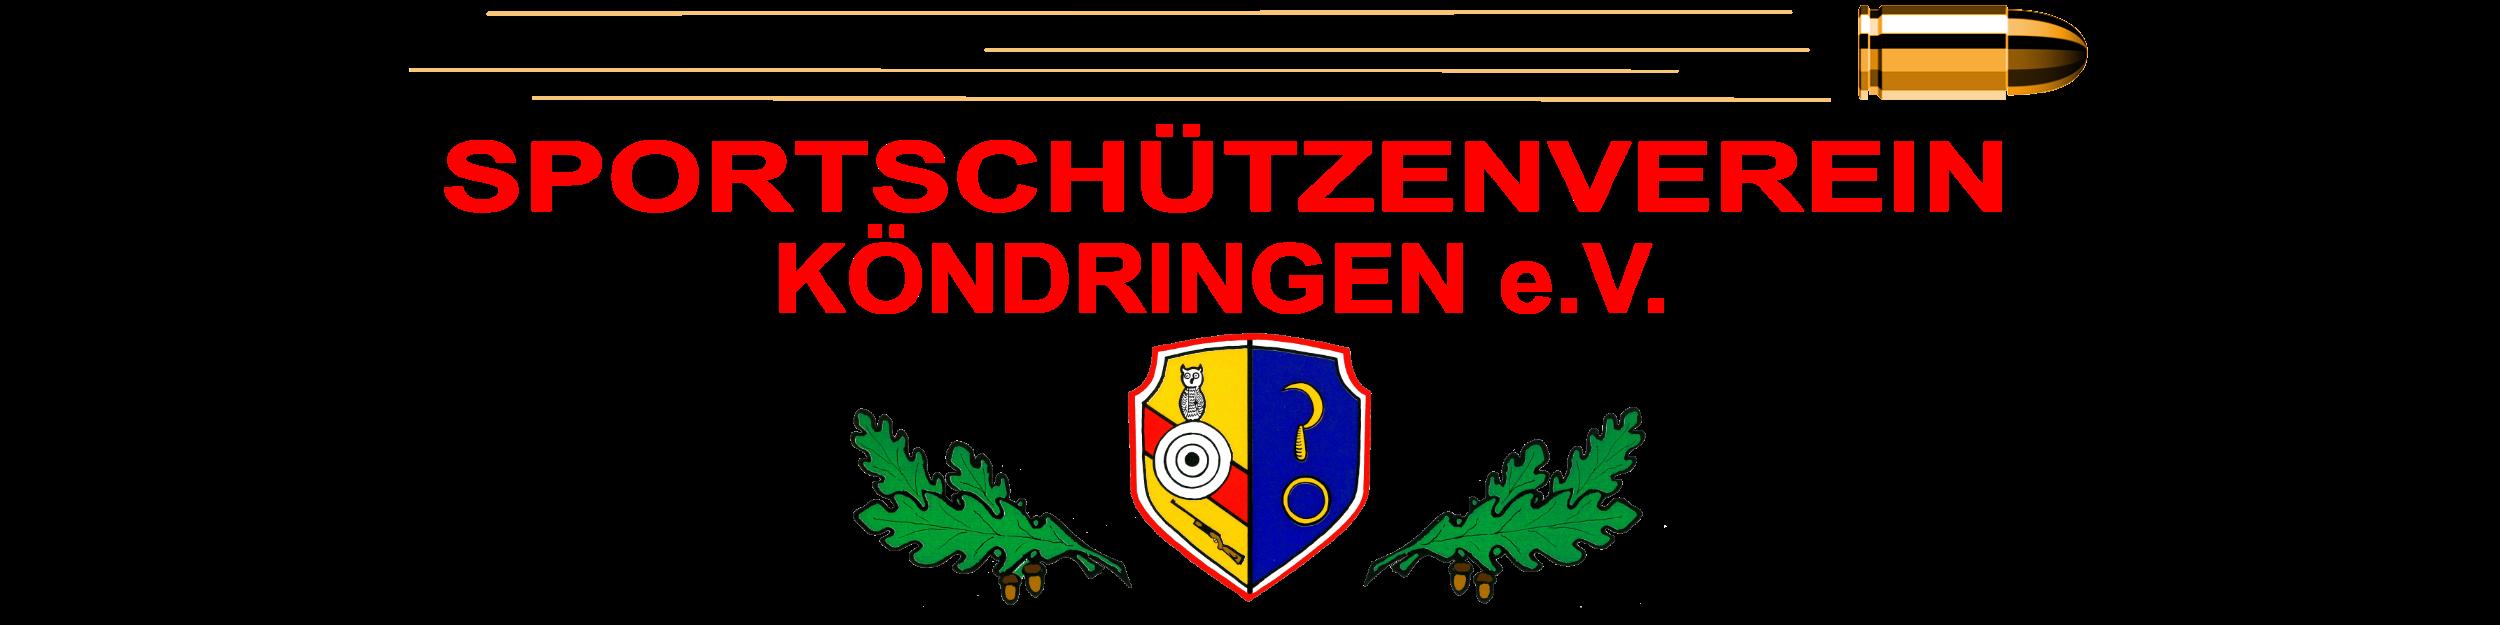 Sportschützenverein Köndringen e.V.